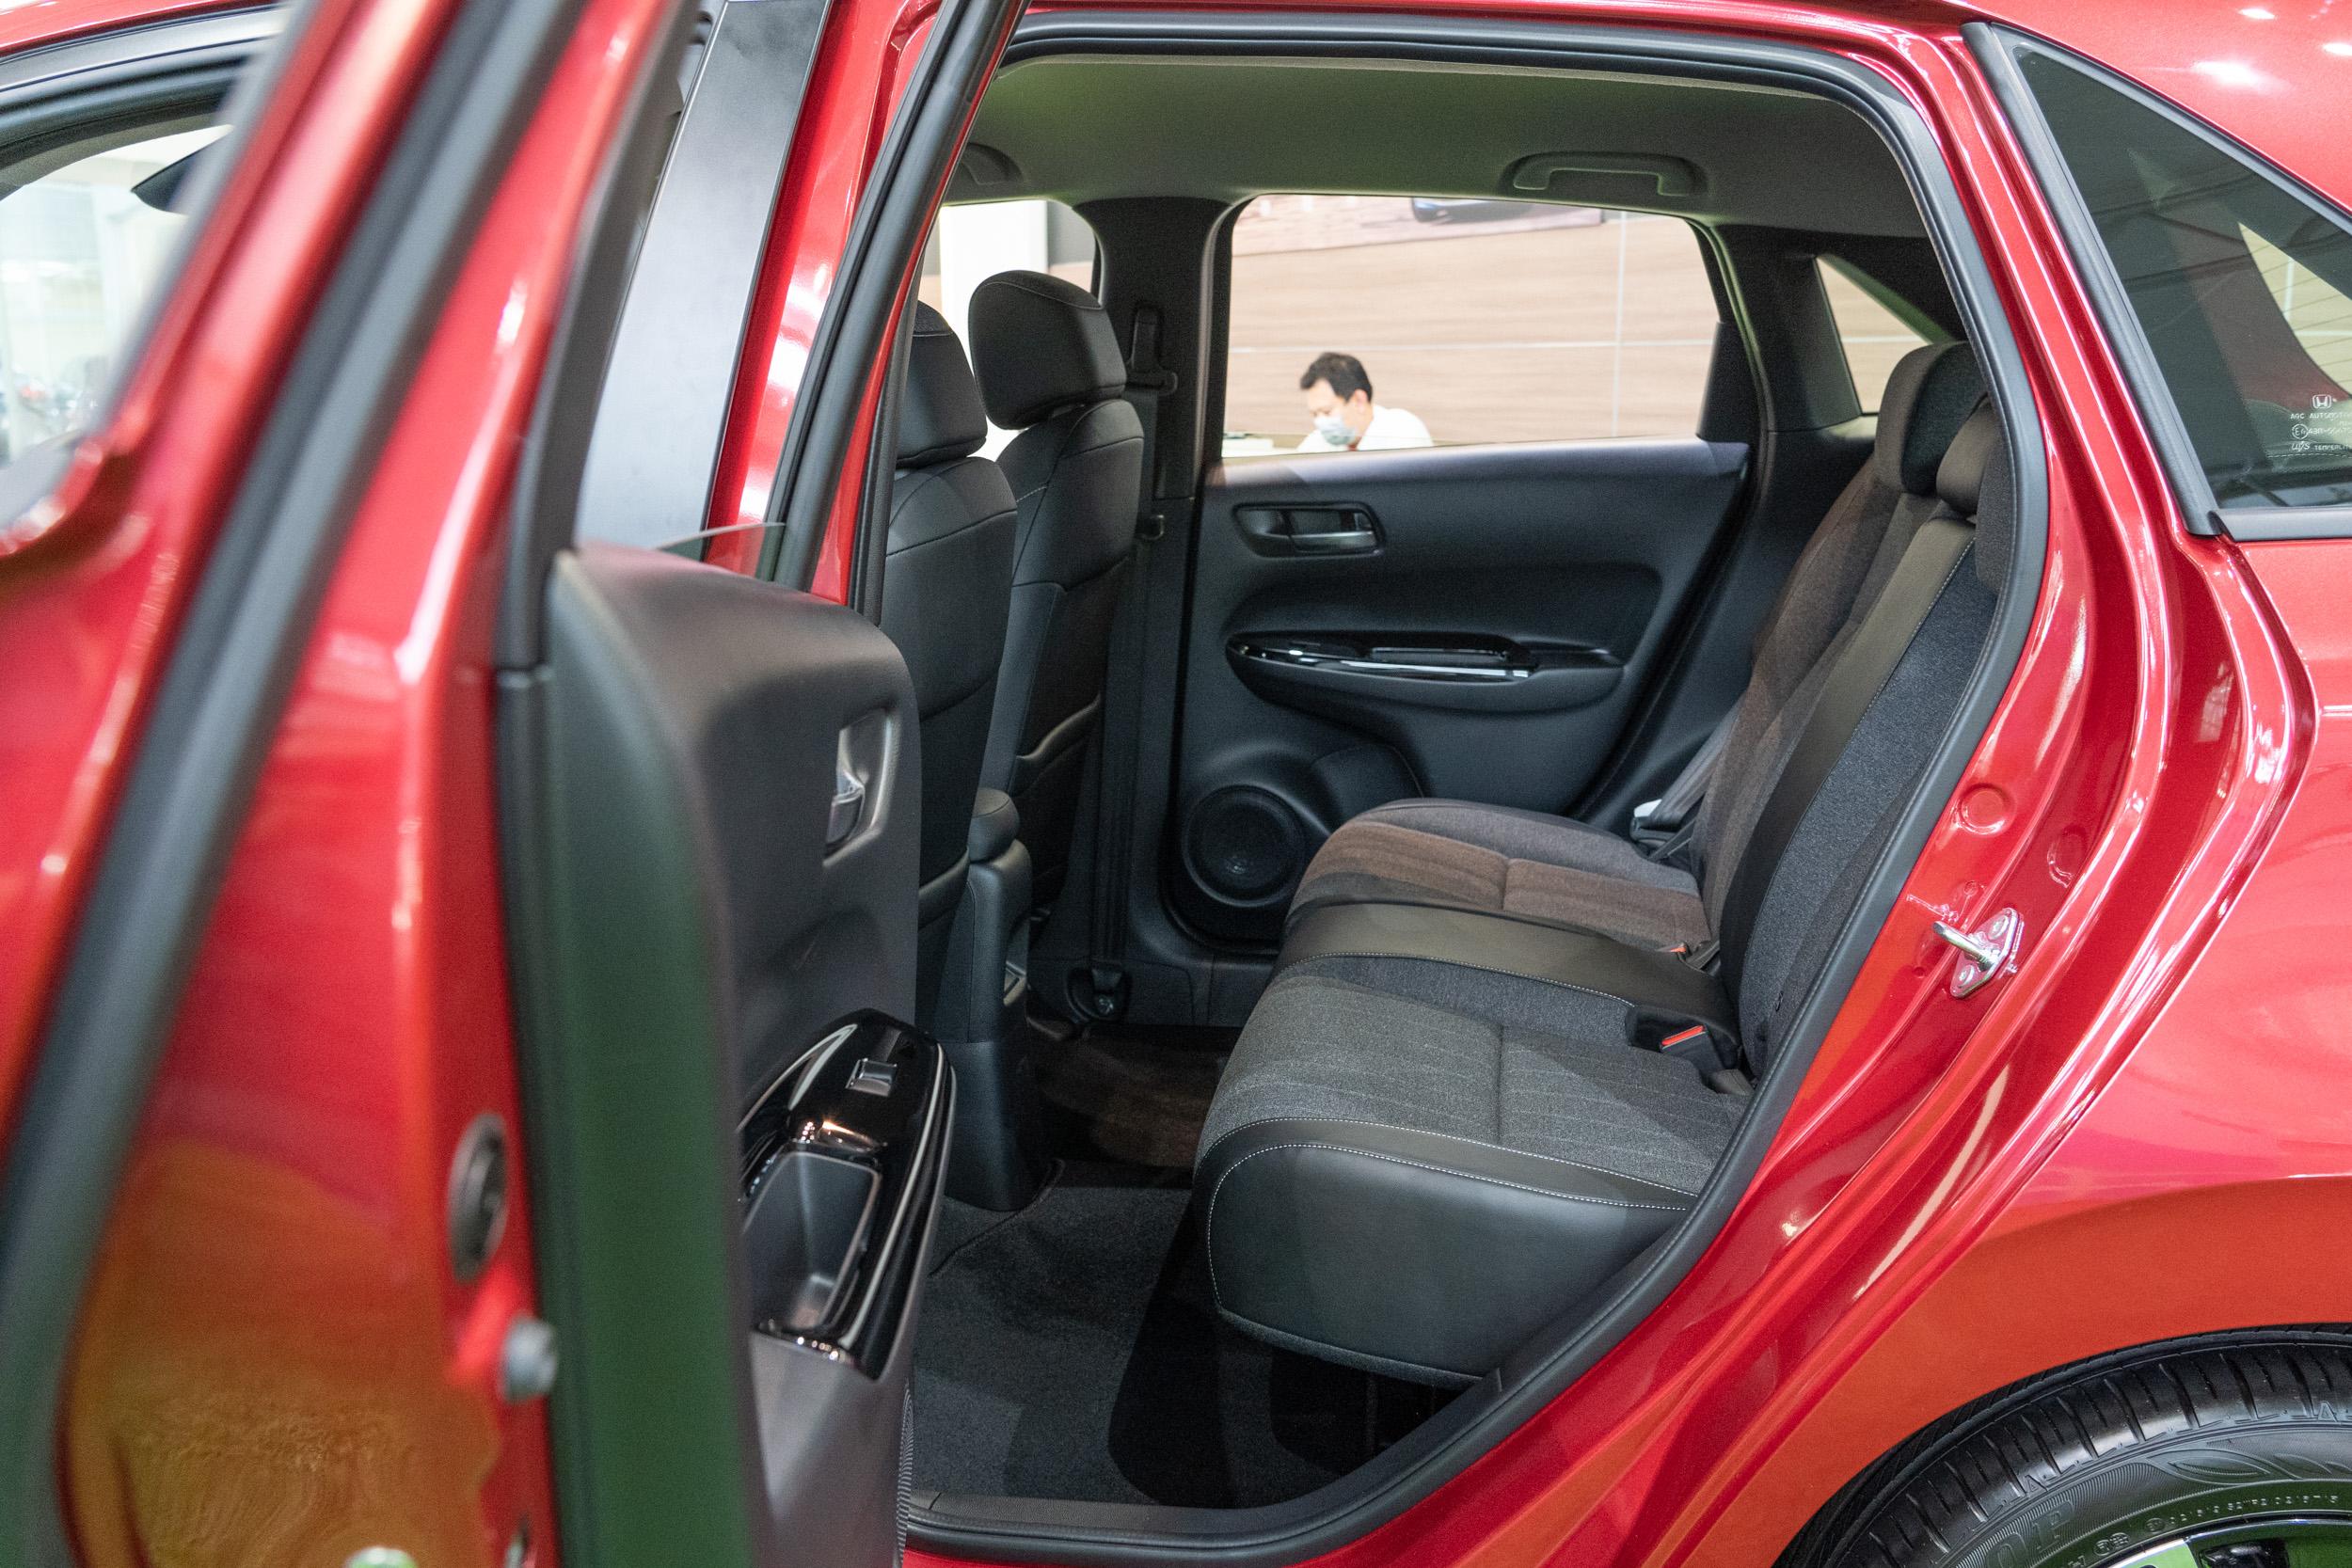 後座縱向空間提升,但因車高的下降,讓頭部空間表現不如上世代優異。